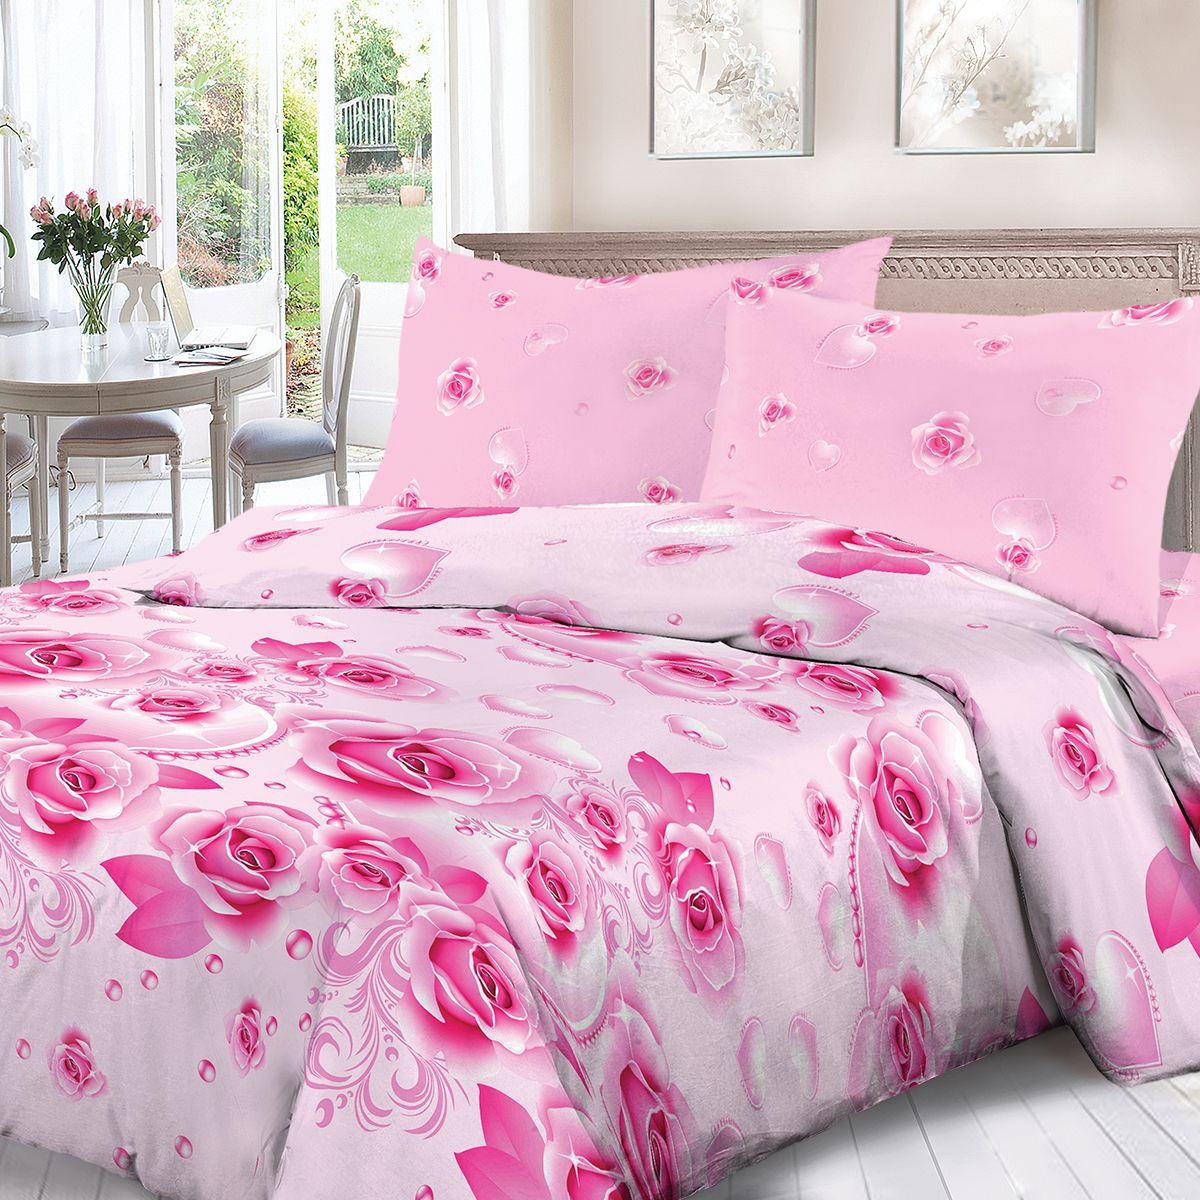 Комплект белья Для Снов Розовый жемчуг, семейный, наволочки 70x70, цвет: розовый. 1553-186470Постельное белье Для Снов, выполненное из высококачественного поплина (ткань Традиция), в составе которого находится только 100% мерсеризованный хлопок - это идеальный выбор современной женщины. Преимущества:- Ткань прочнее обычной, при этом мягкая и шелковистая;- Цвета яркие и устойчивые;- Высокая гигроскопичность;- Меньше мнется, не линяет и не садится при многократных стирках;При производстве используются только безопасные красители ведущего швейцарского производителя BEZEMA.Восхитительная упаковка придает комплекту подарочный вид. В комплекте: 2 пододеяльника (145 х 215 см), 2 наволочки (70х70 см), простыня (220 х 215 см).Советы по выбору постельного белья от блогера Ирины Соковых. Статья OZON Гид